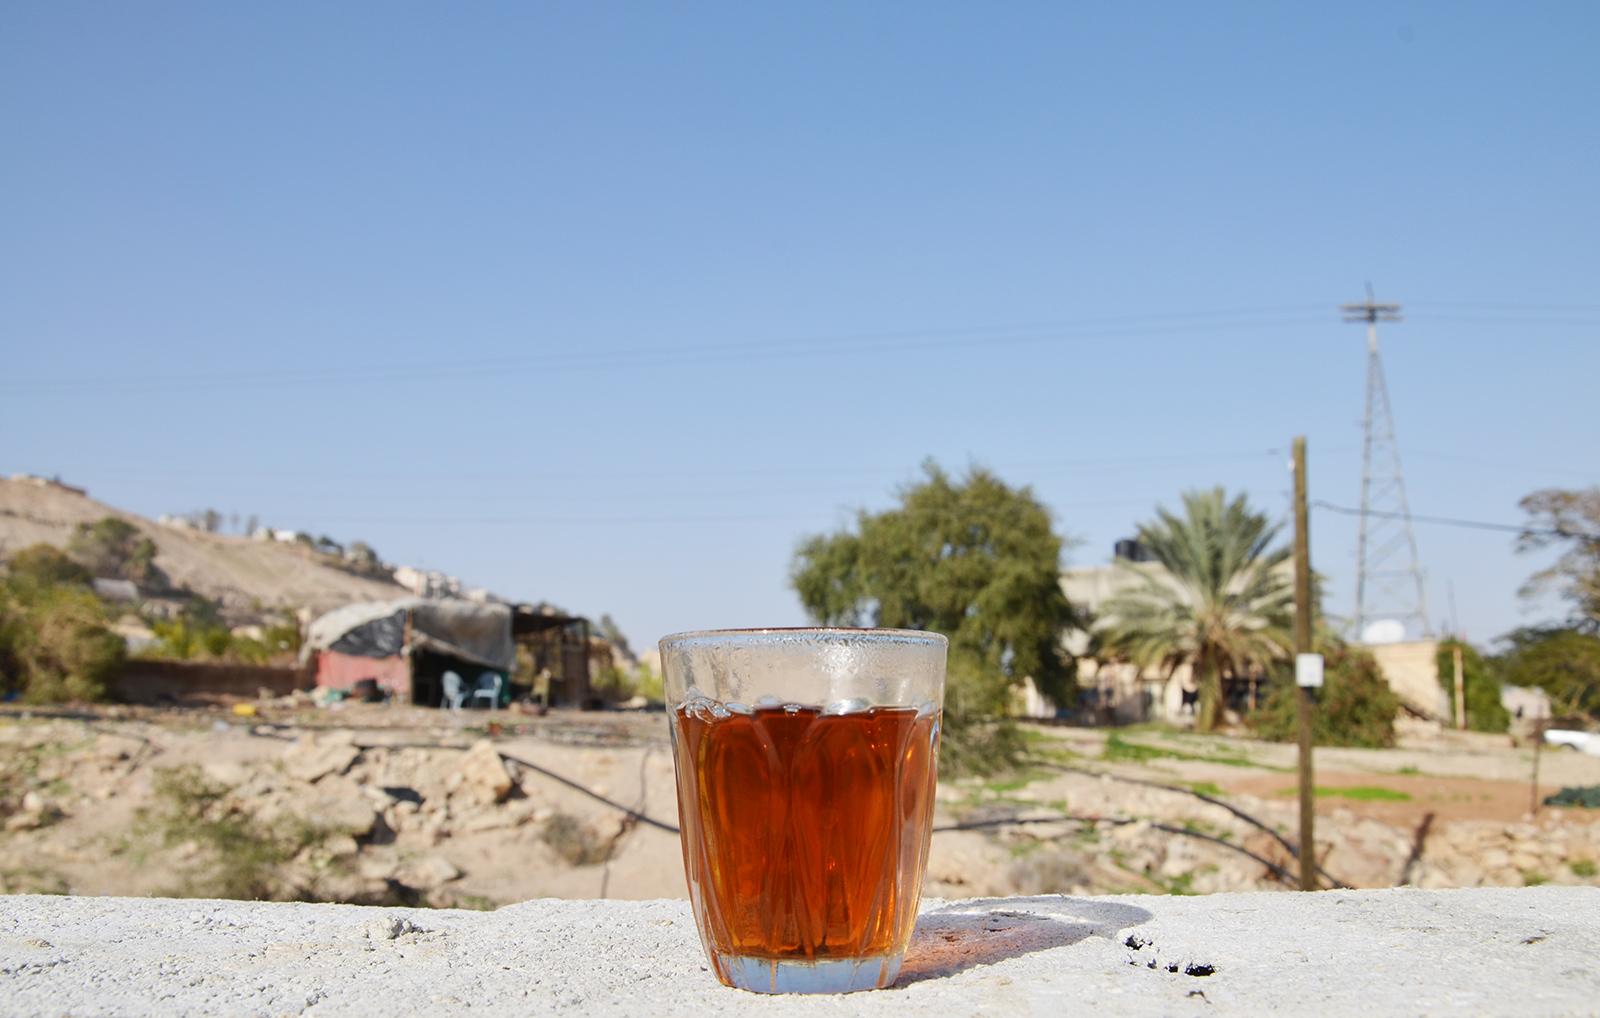 čaj na hradbách novostavby, Západní Břeh, Izrael